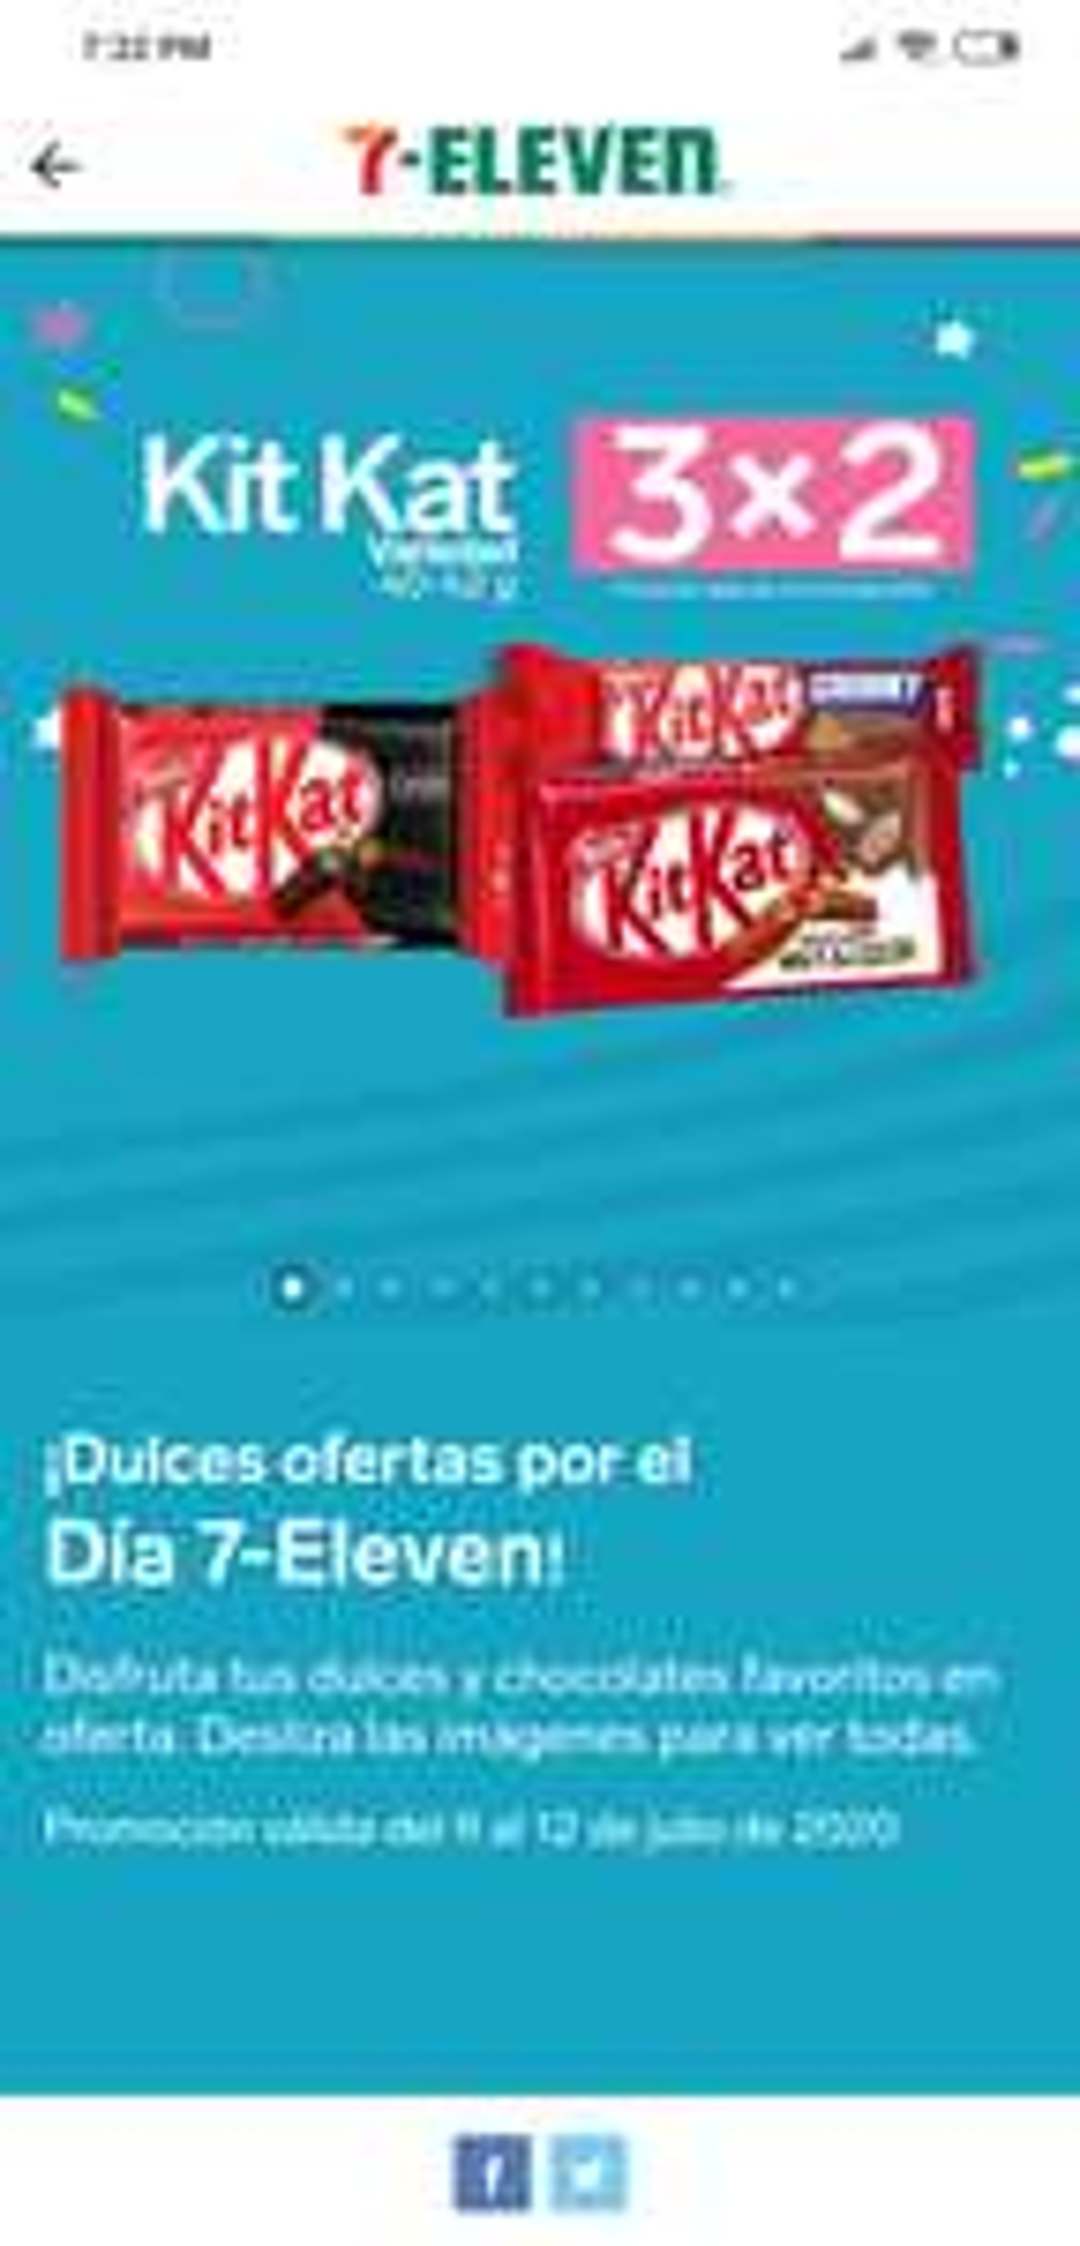 7 Eleven: 4 x 2 y 3 x 2 en varios dulces